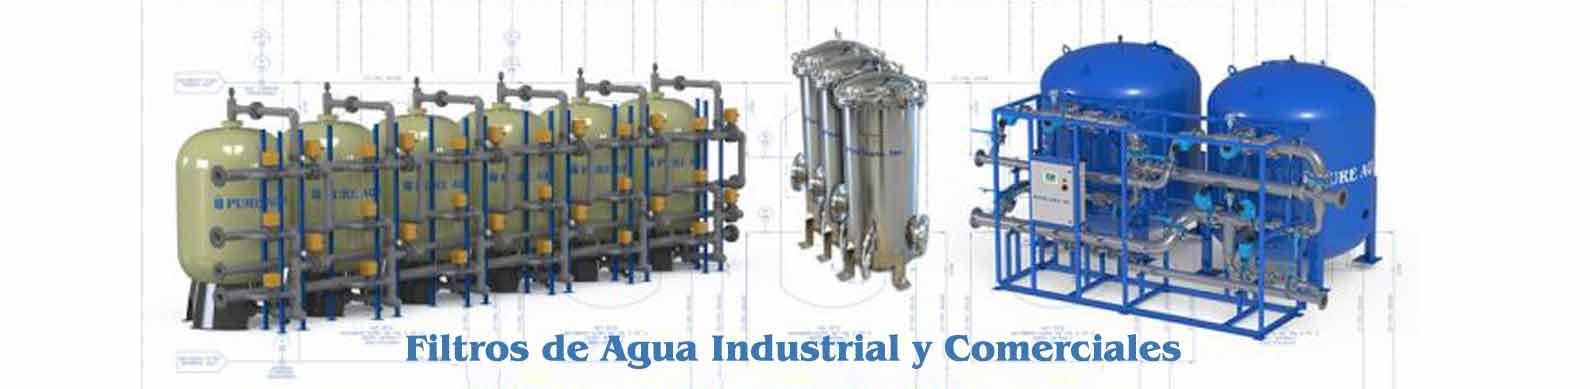 filtros-de-agua-industrial-y-comerciales.jpg